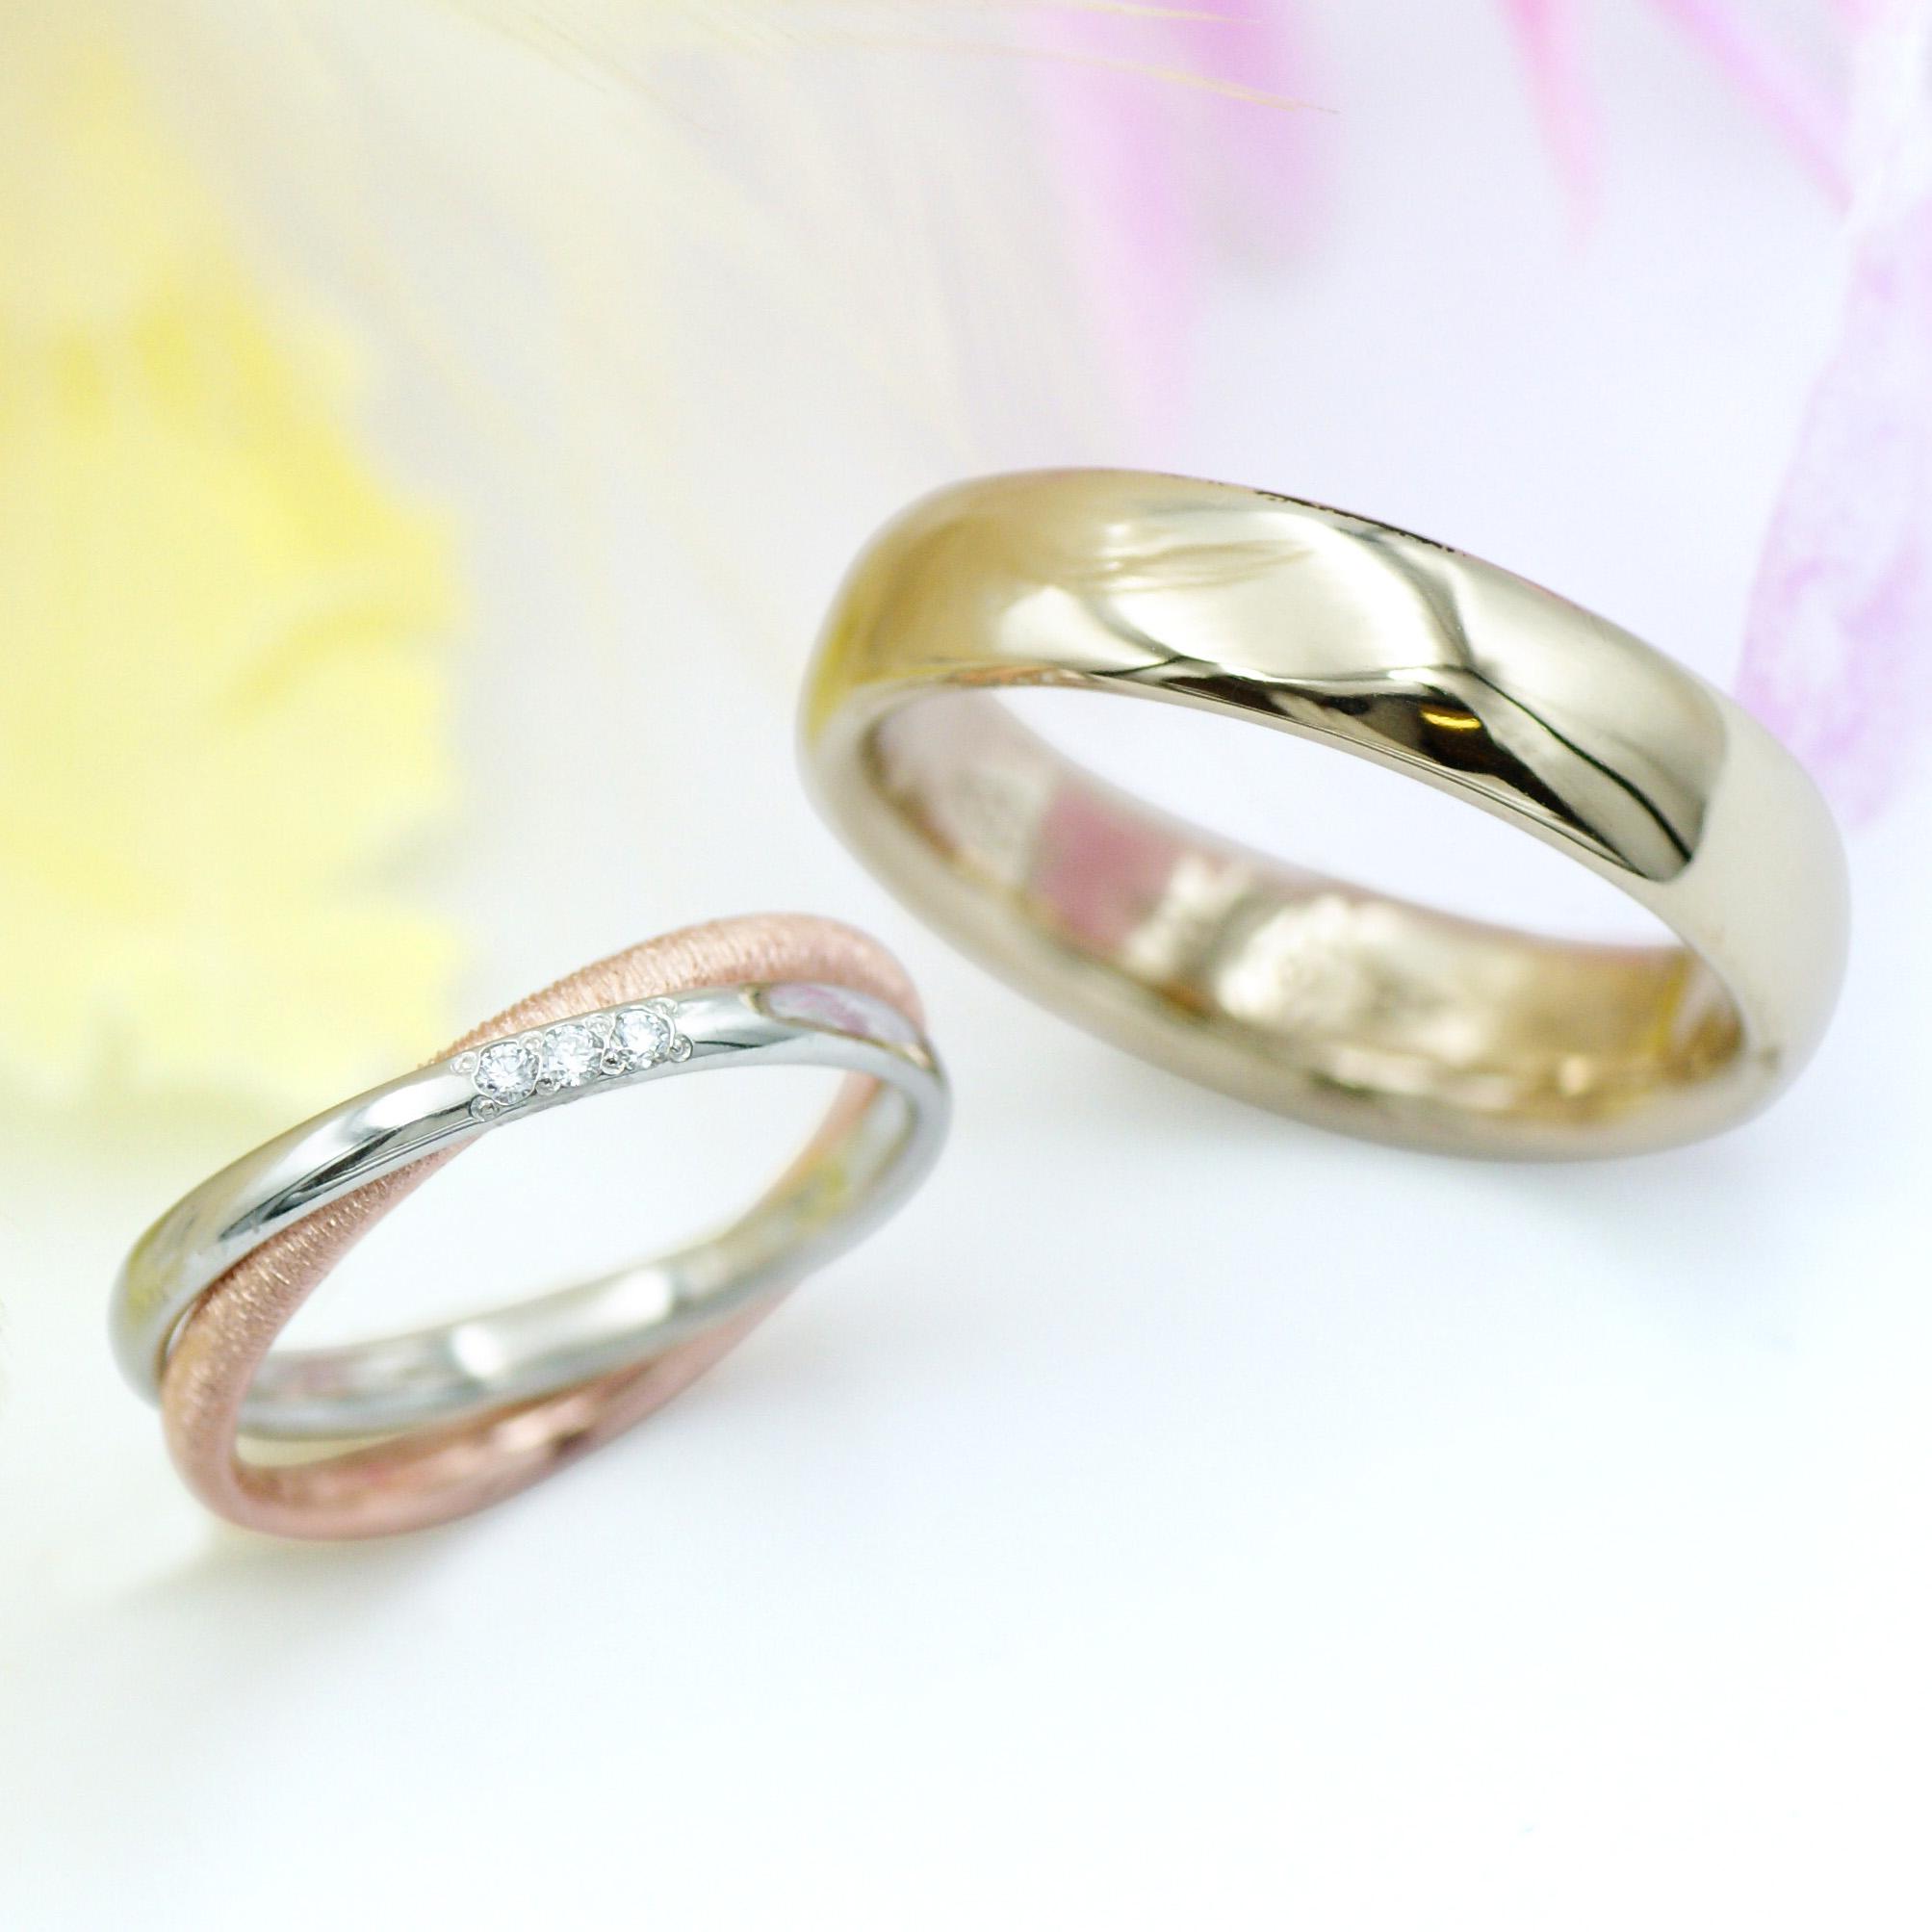 シャンパンゴールドと2連リングの結婚指輪/kazariyaYui福島県郡山市